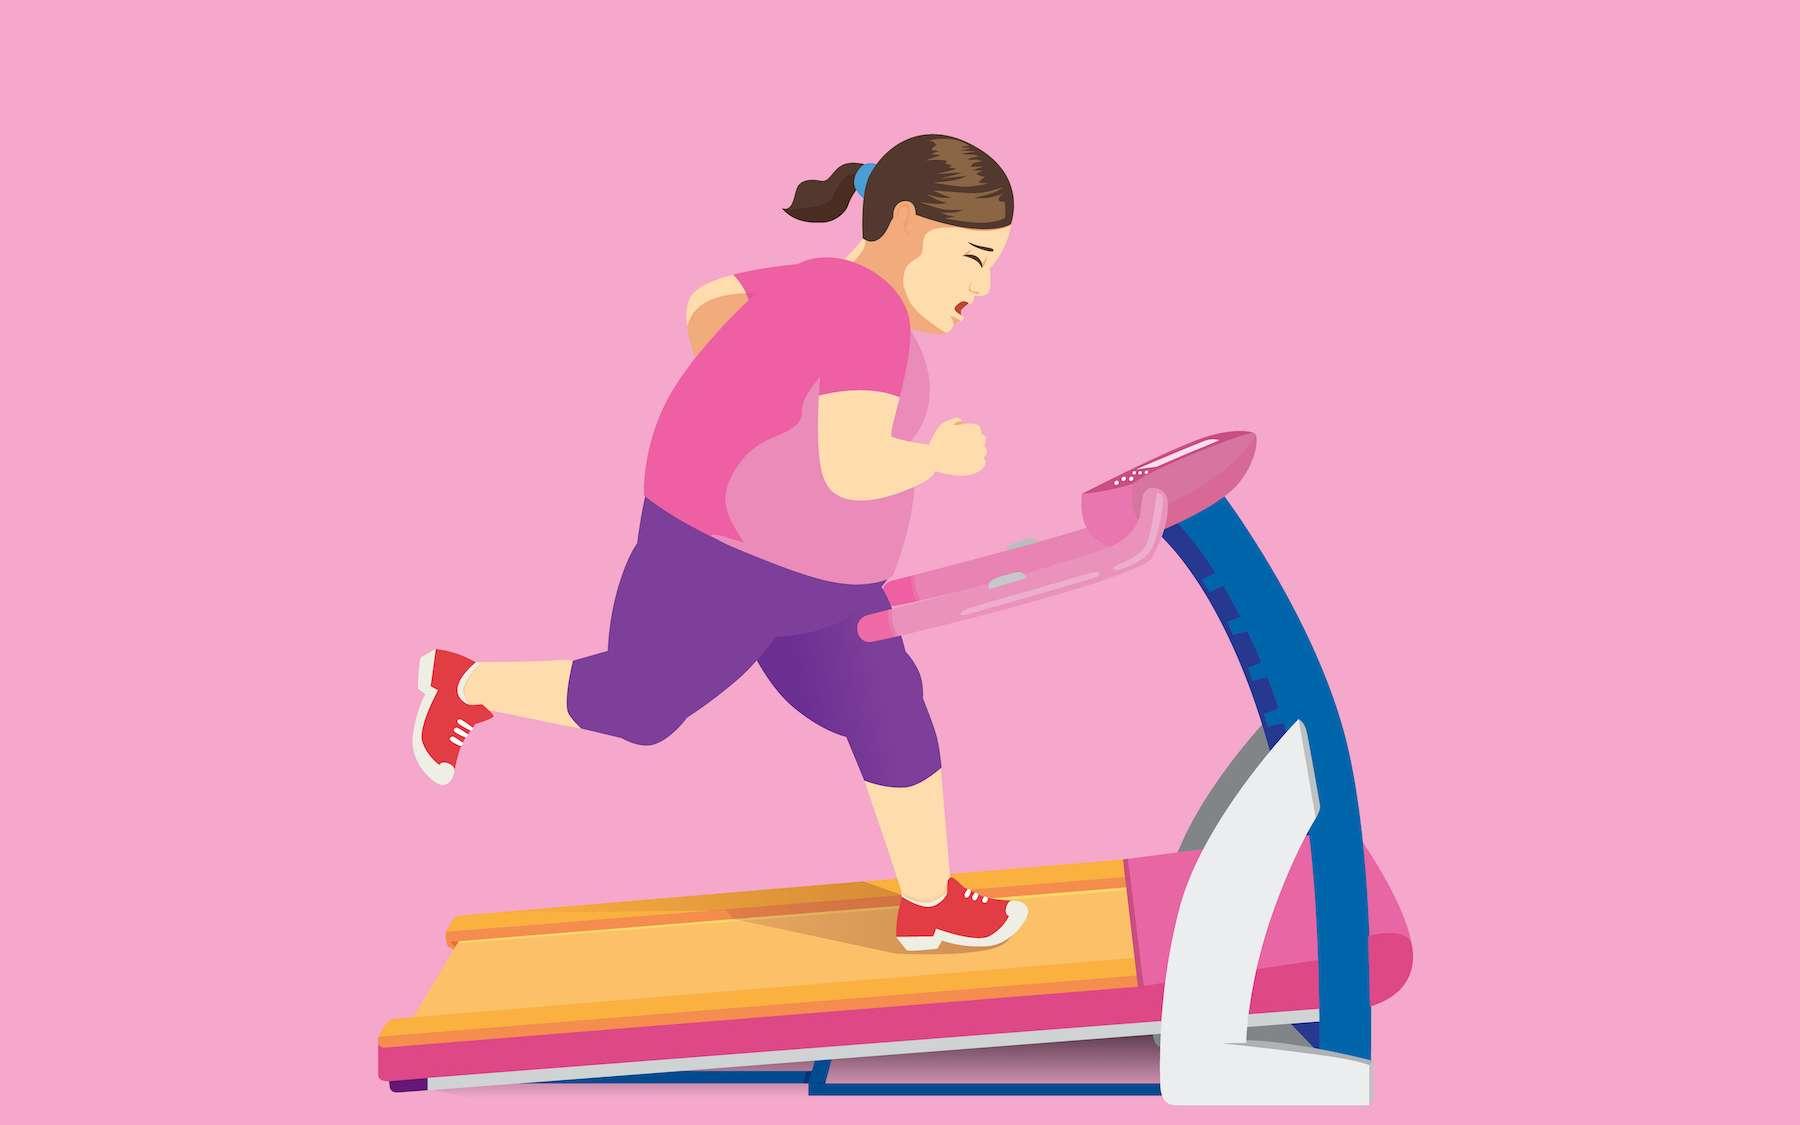 Les personnes en surpoids doivent fournir beaucoup plus d'efforts que les autres pour maigrir. © logo3in1, Adobe Stock